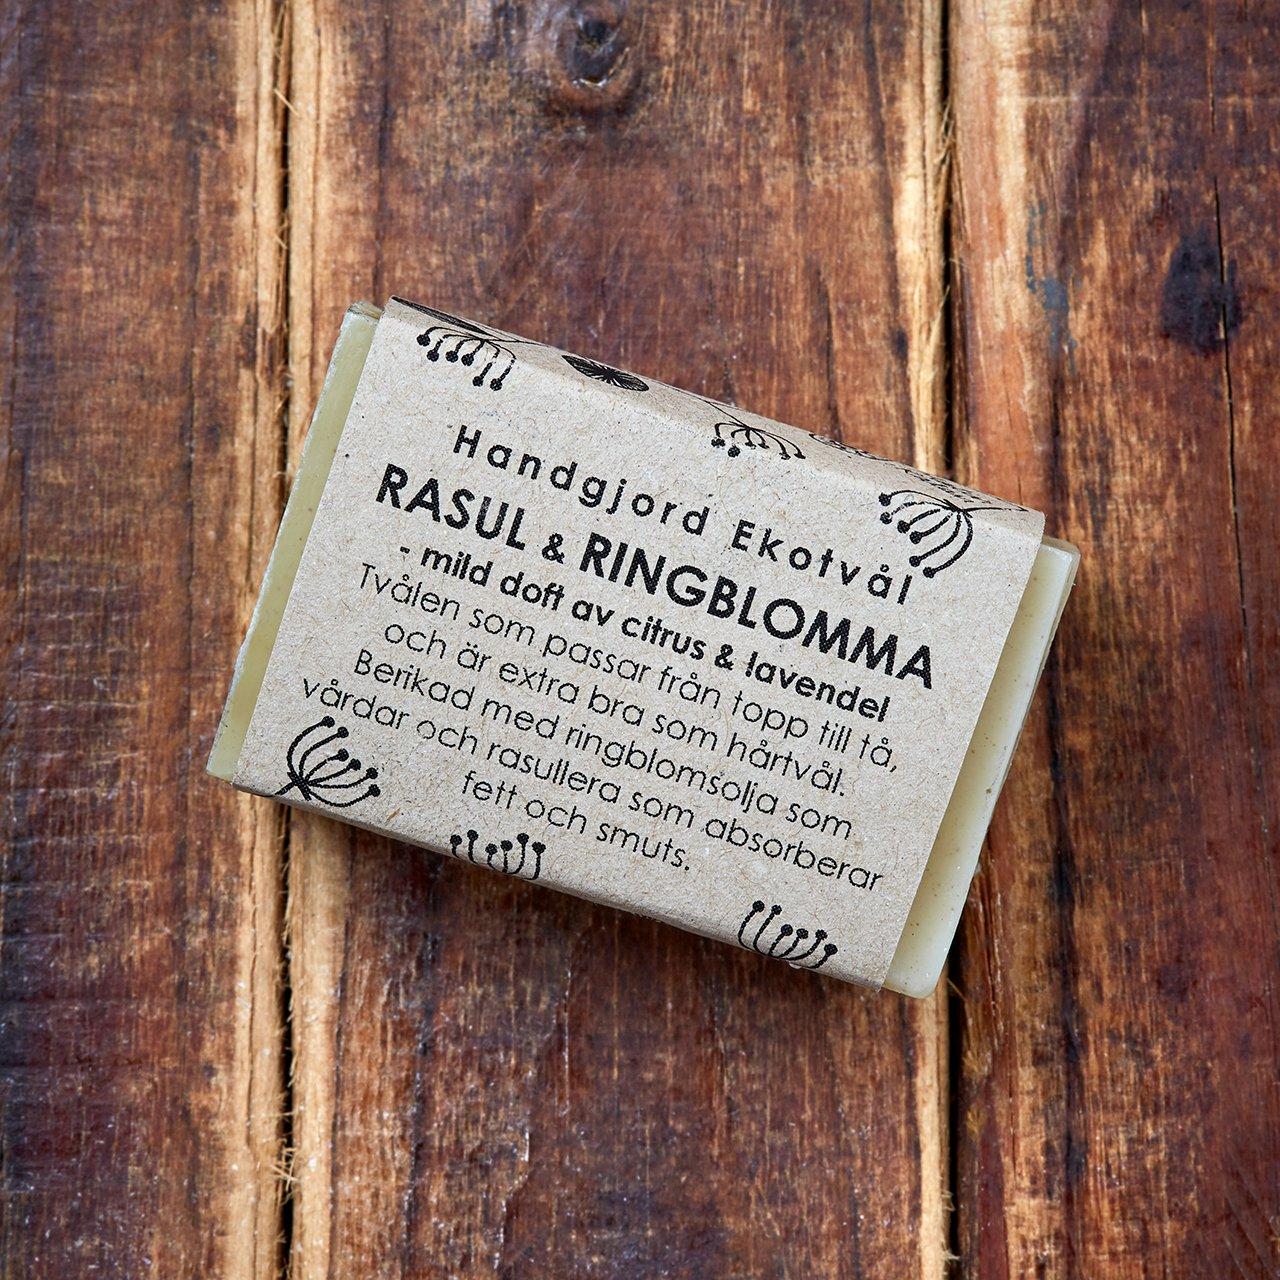 Handgjord Ekotvål Rasul & Ringblomma - mild doft av citrus & lavendel